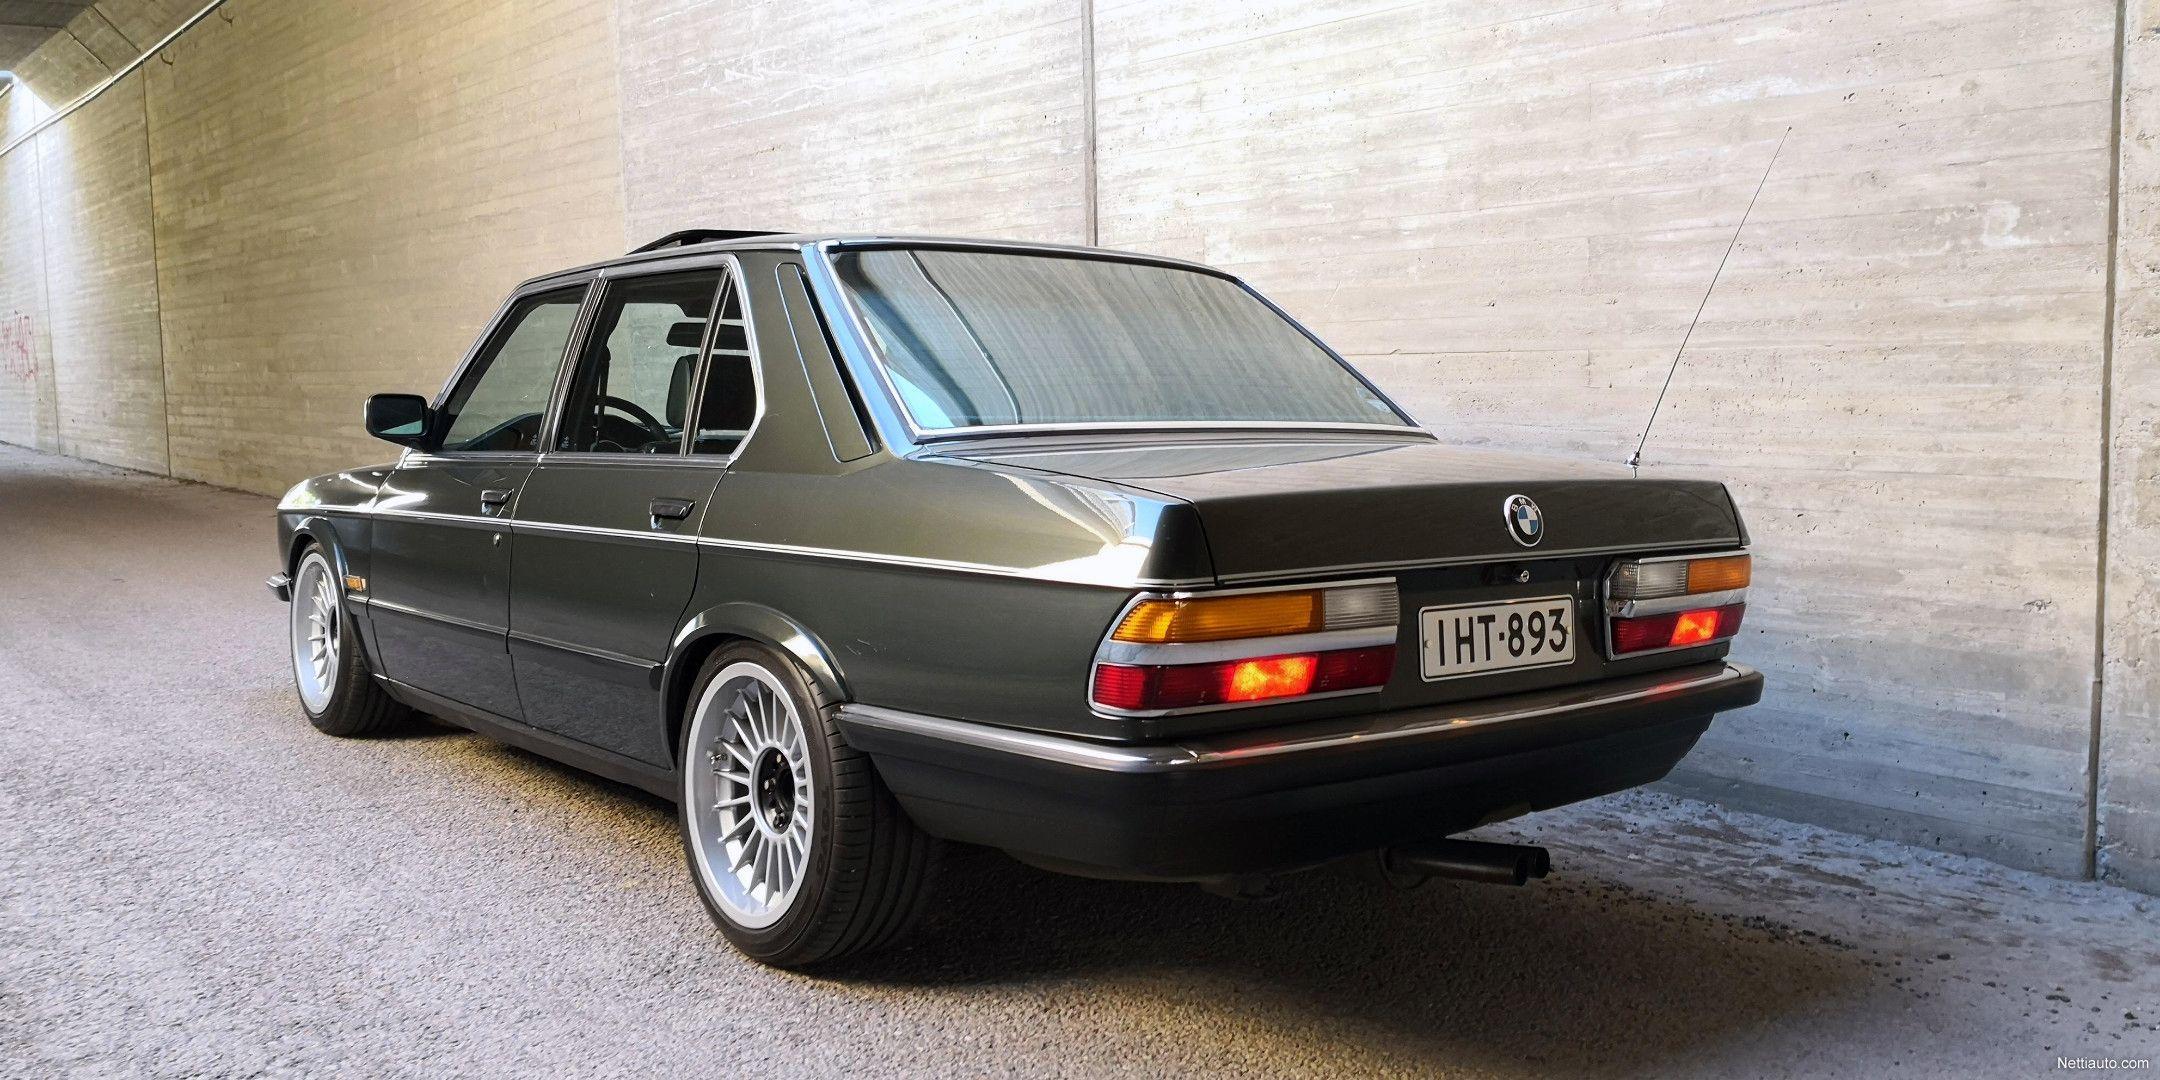 Bmw 528e Photos News Reviews Specs Car Listings Bmw E28 Bmw Bmw E21